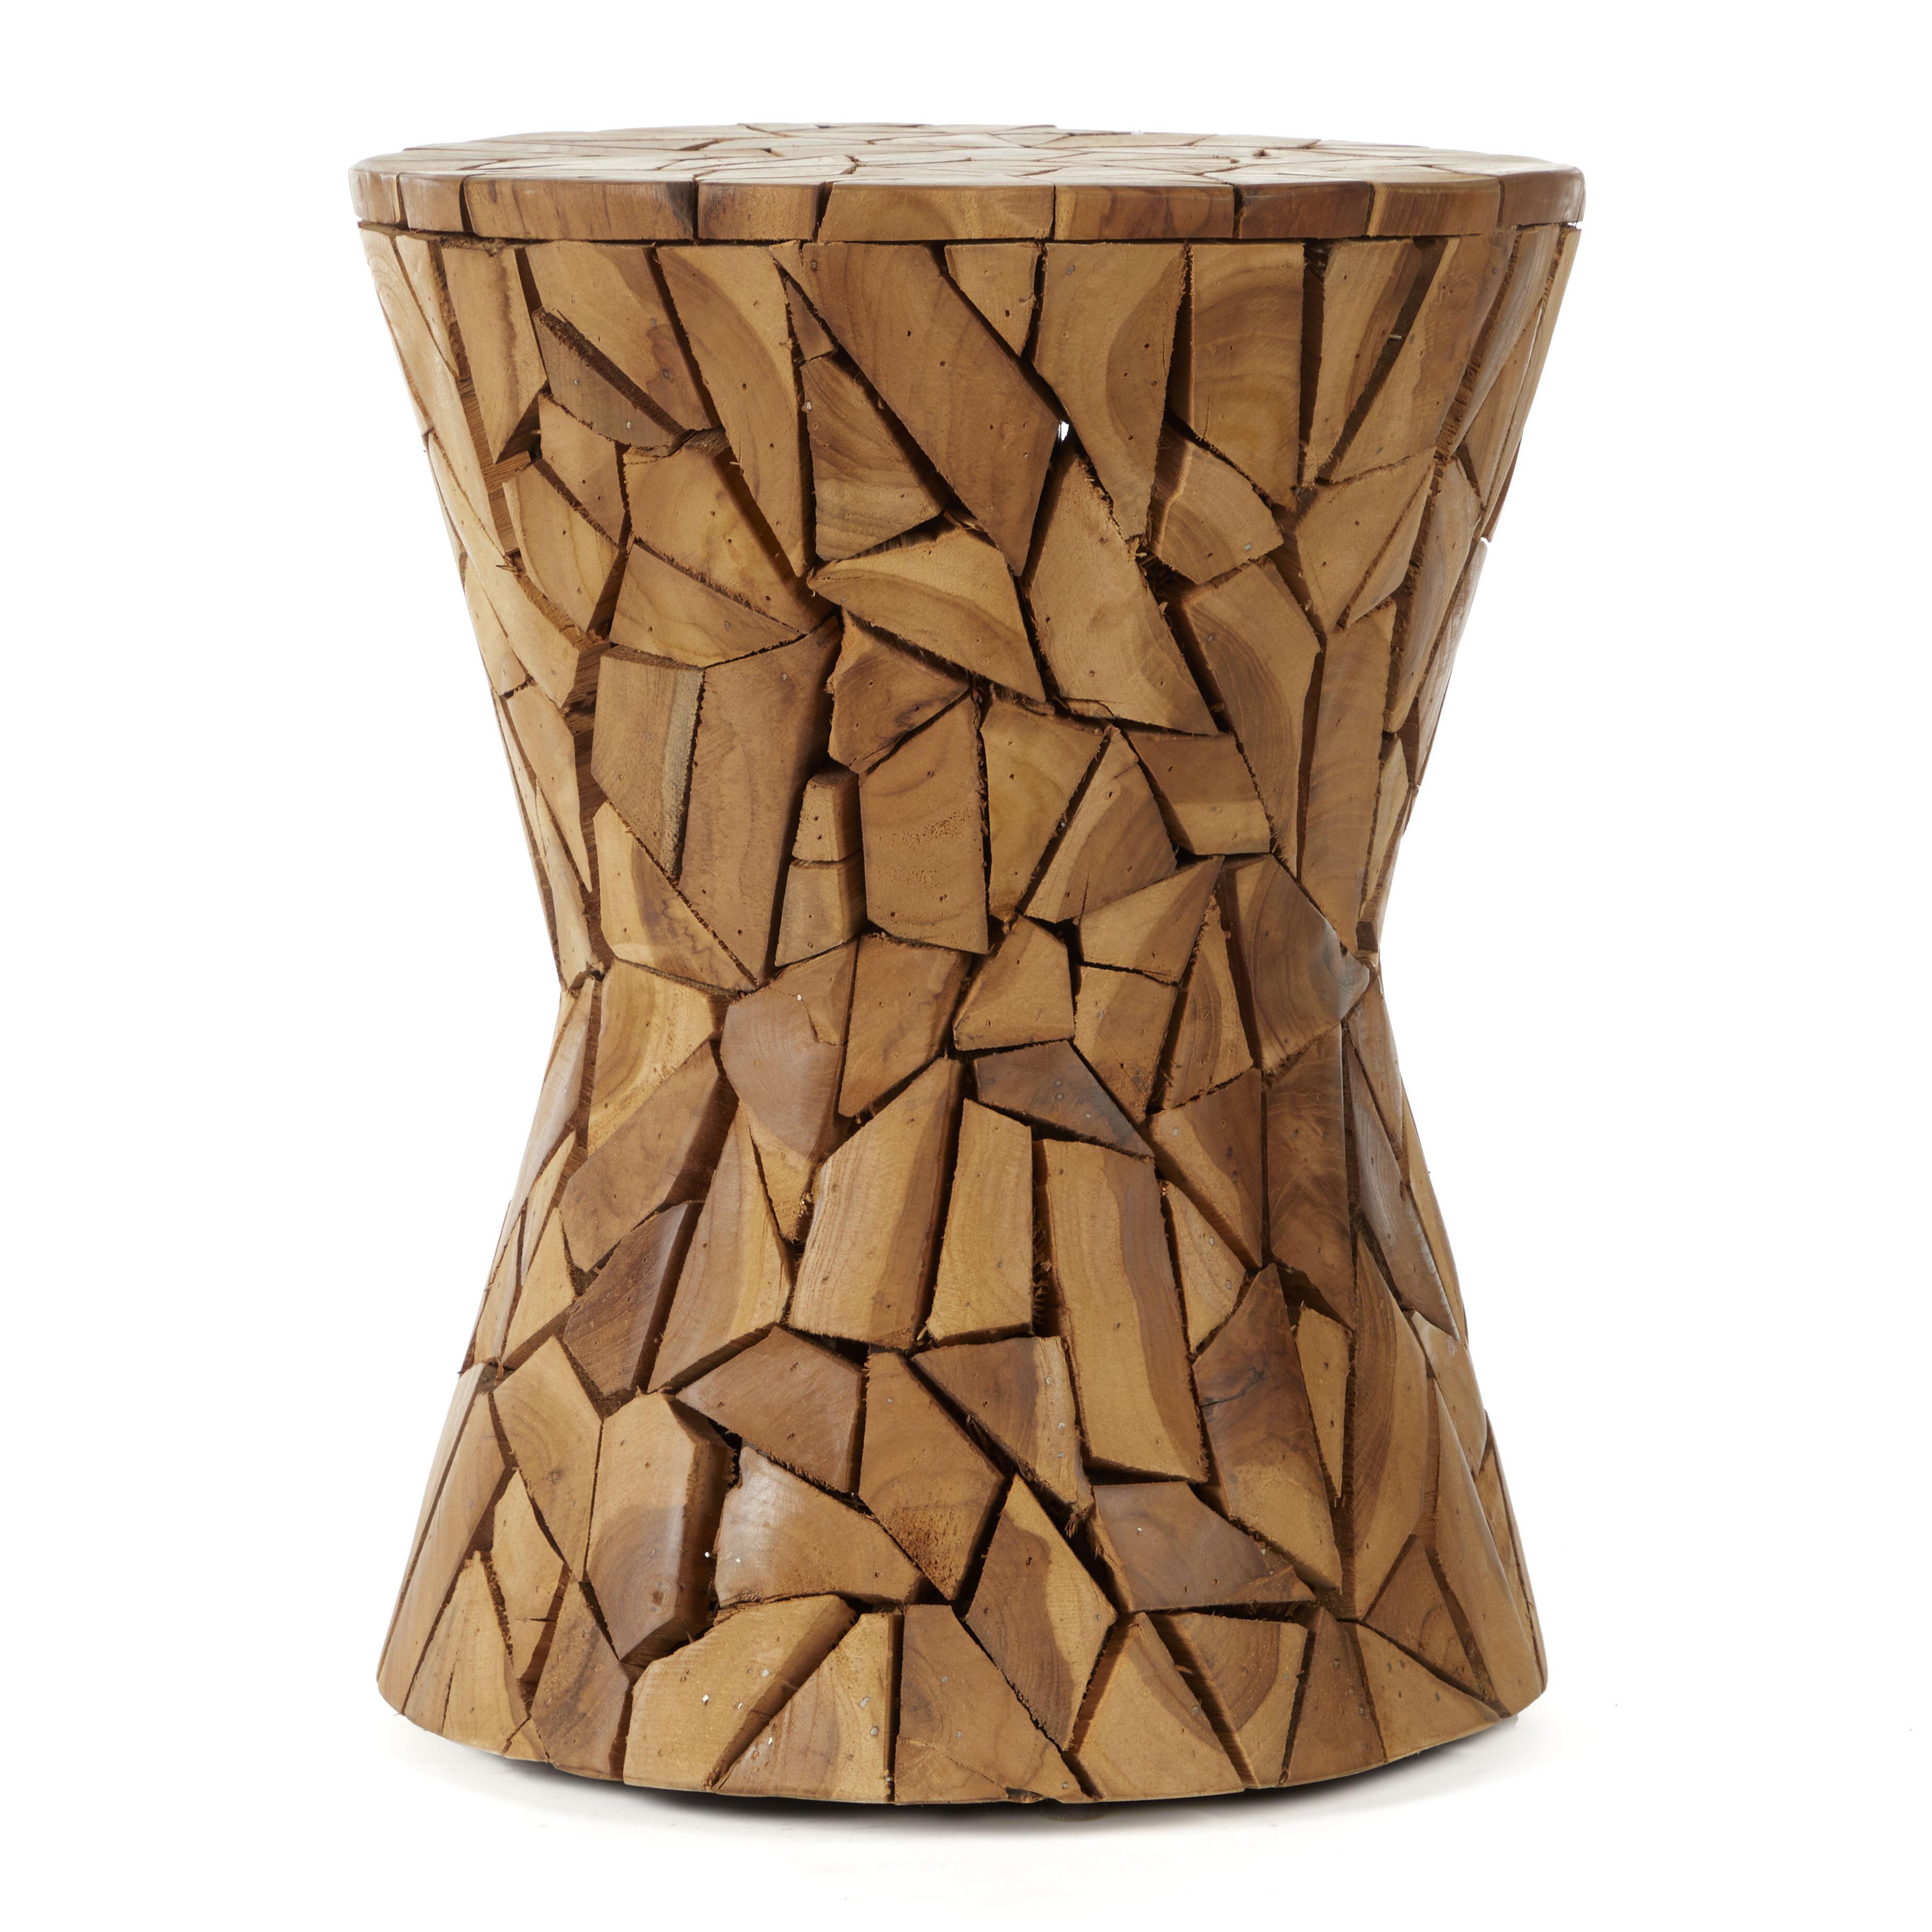 Wood Teak Stool (View 25 of 25)